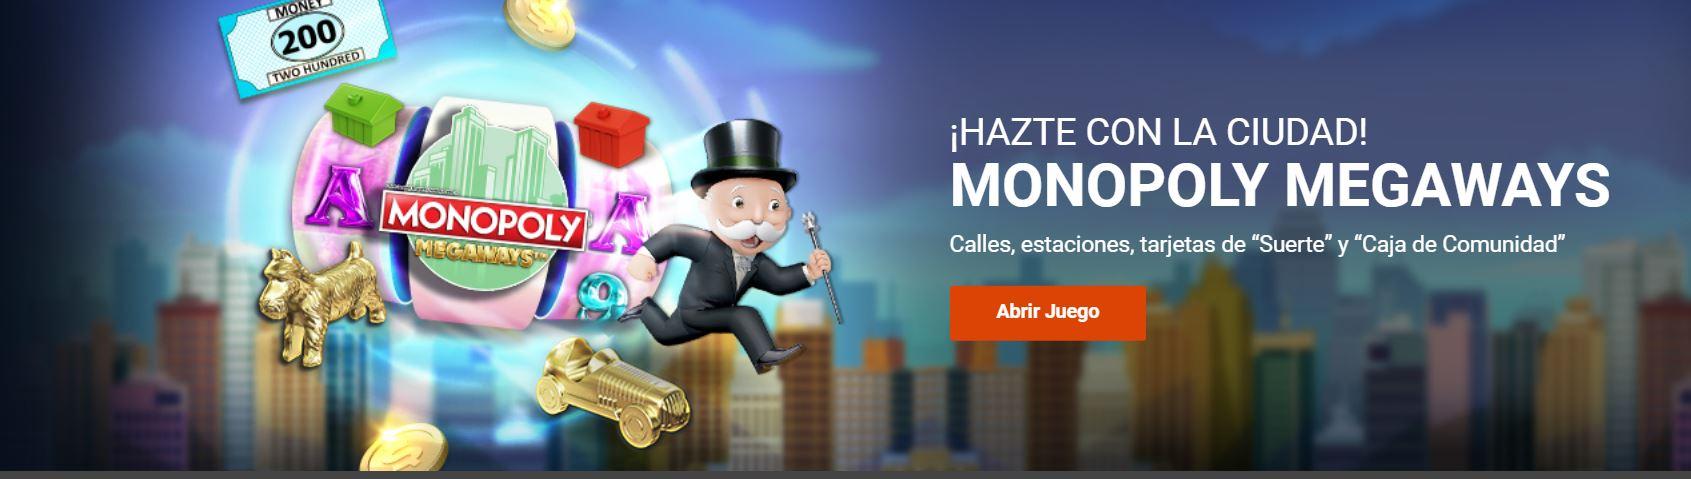 Descubre el monopoly. uno de los juegos más populares de casino online.